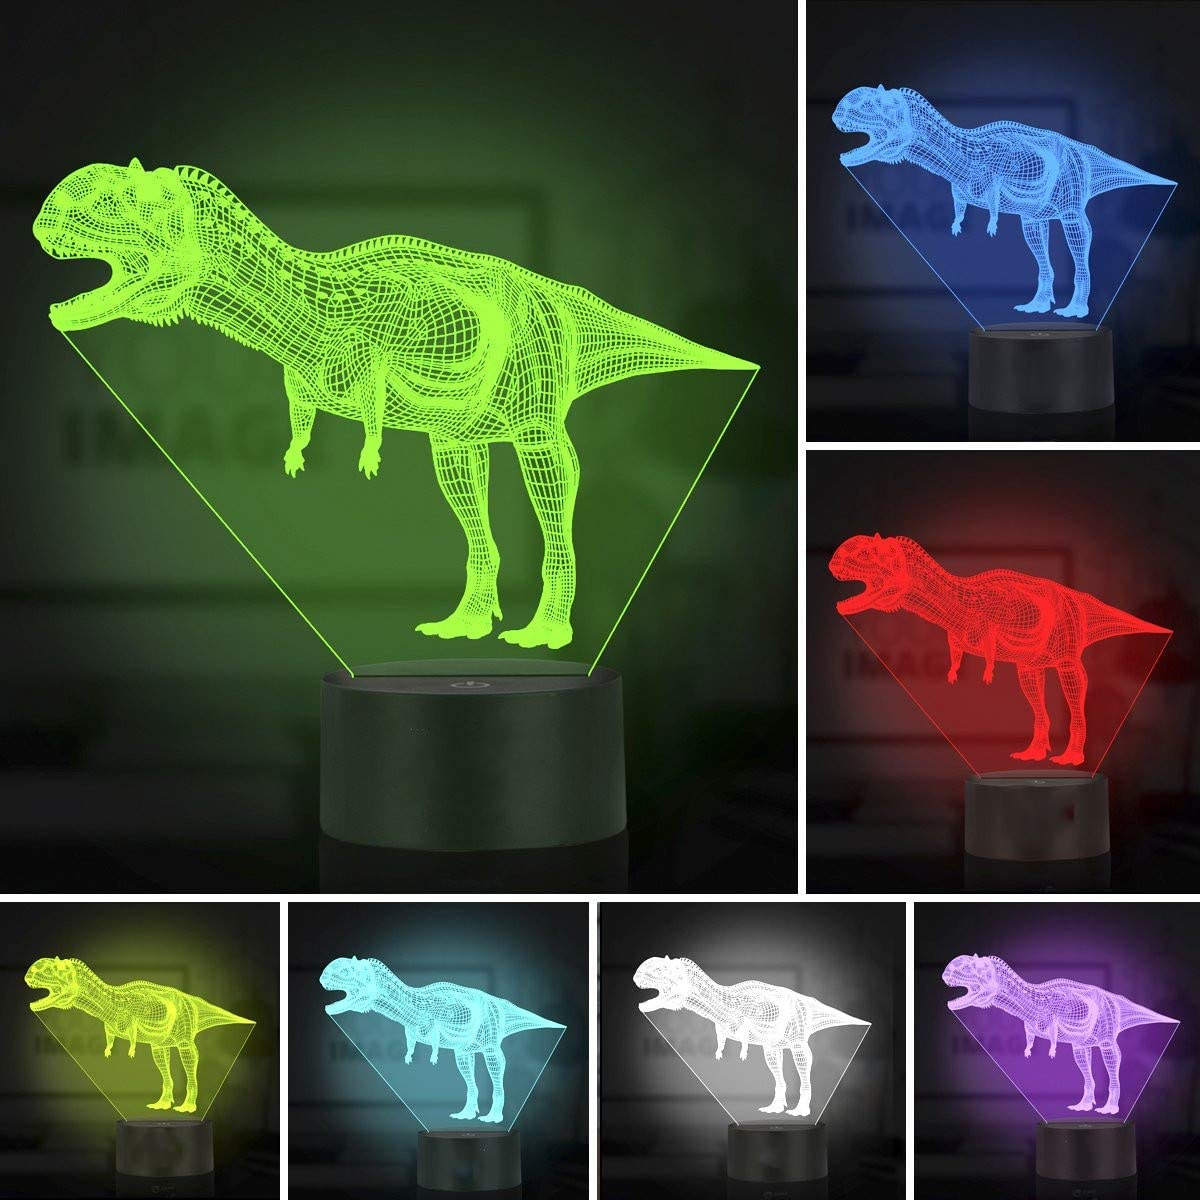 3D LED Licht Nachtlicht Optische T/äuschung Lampe Schreibtischlampe Tischlampe Nachtlicht 7 Farben /ändern Touch Control Dinosaurier